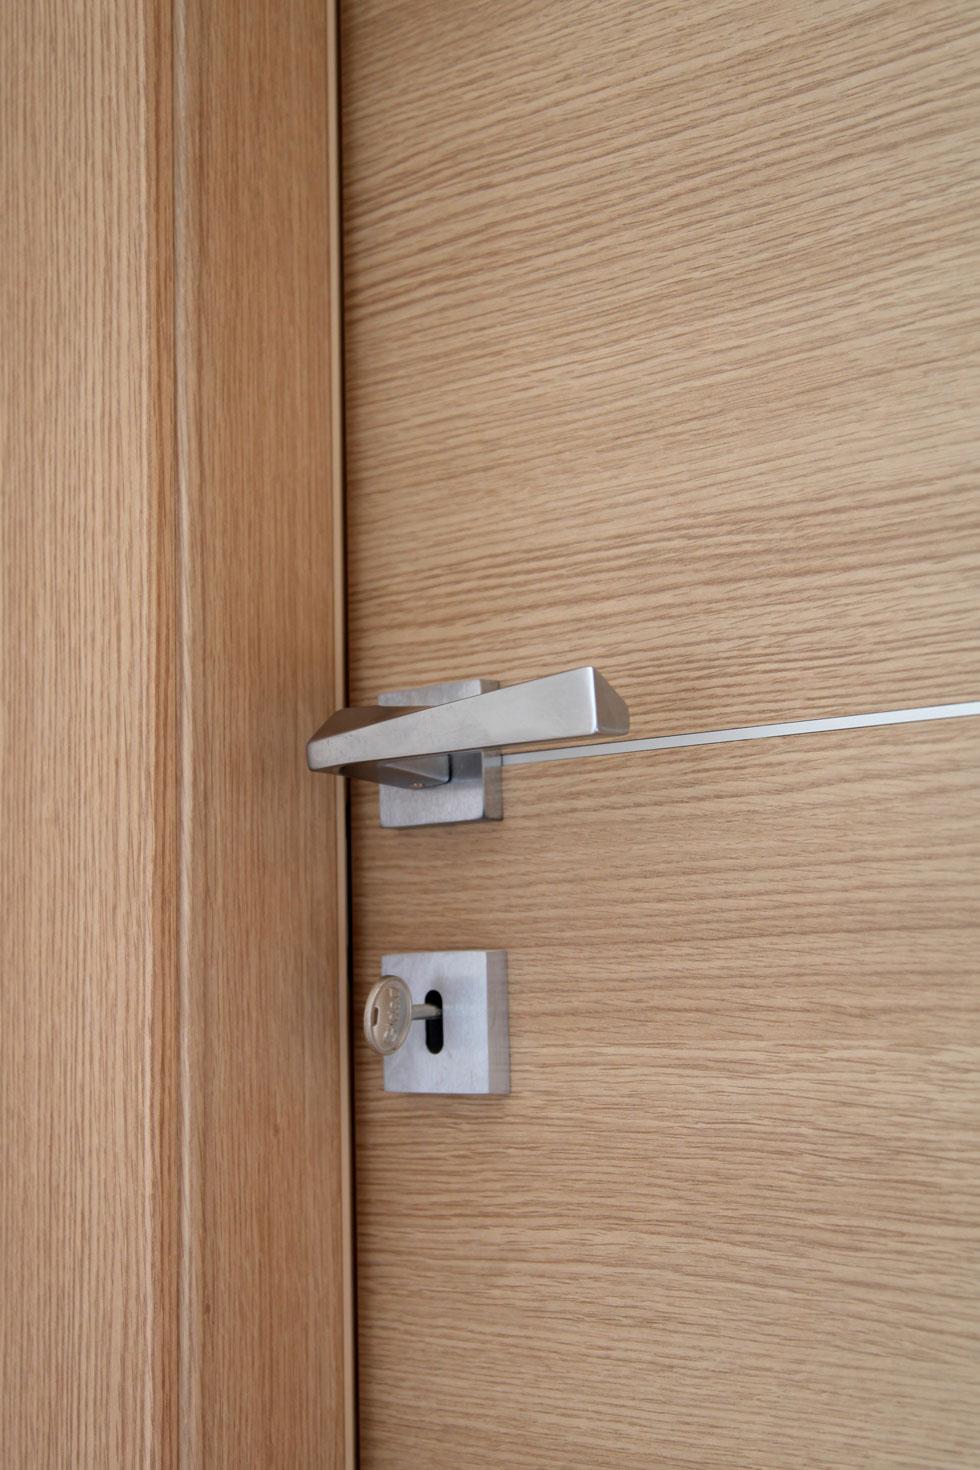 Arche 39 ambienti particolare maniglia cromo satinato - Maniglie porte interne cromo satinato ...